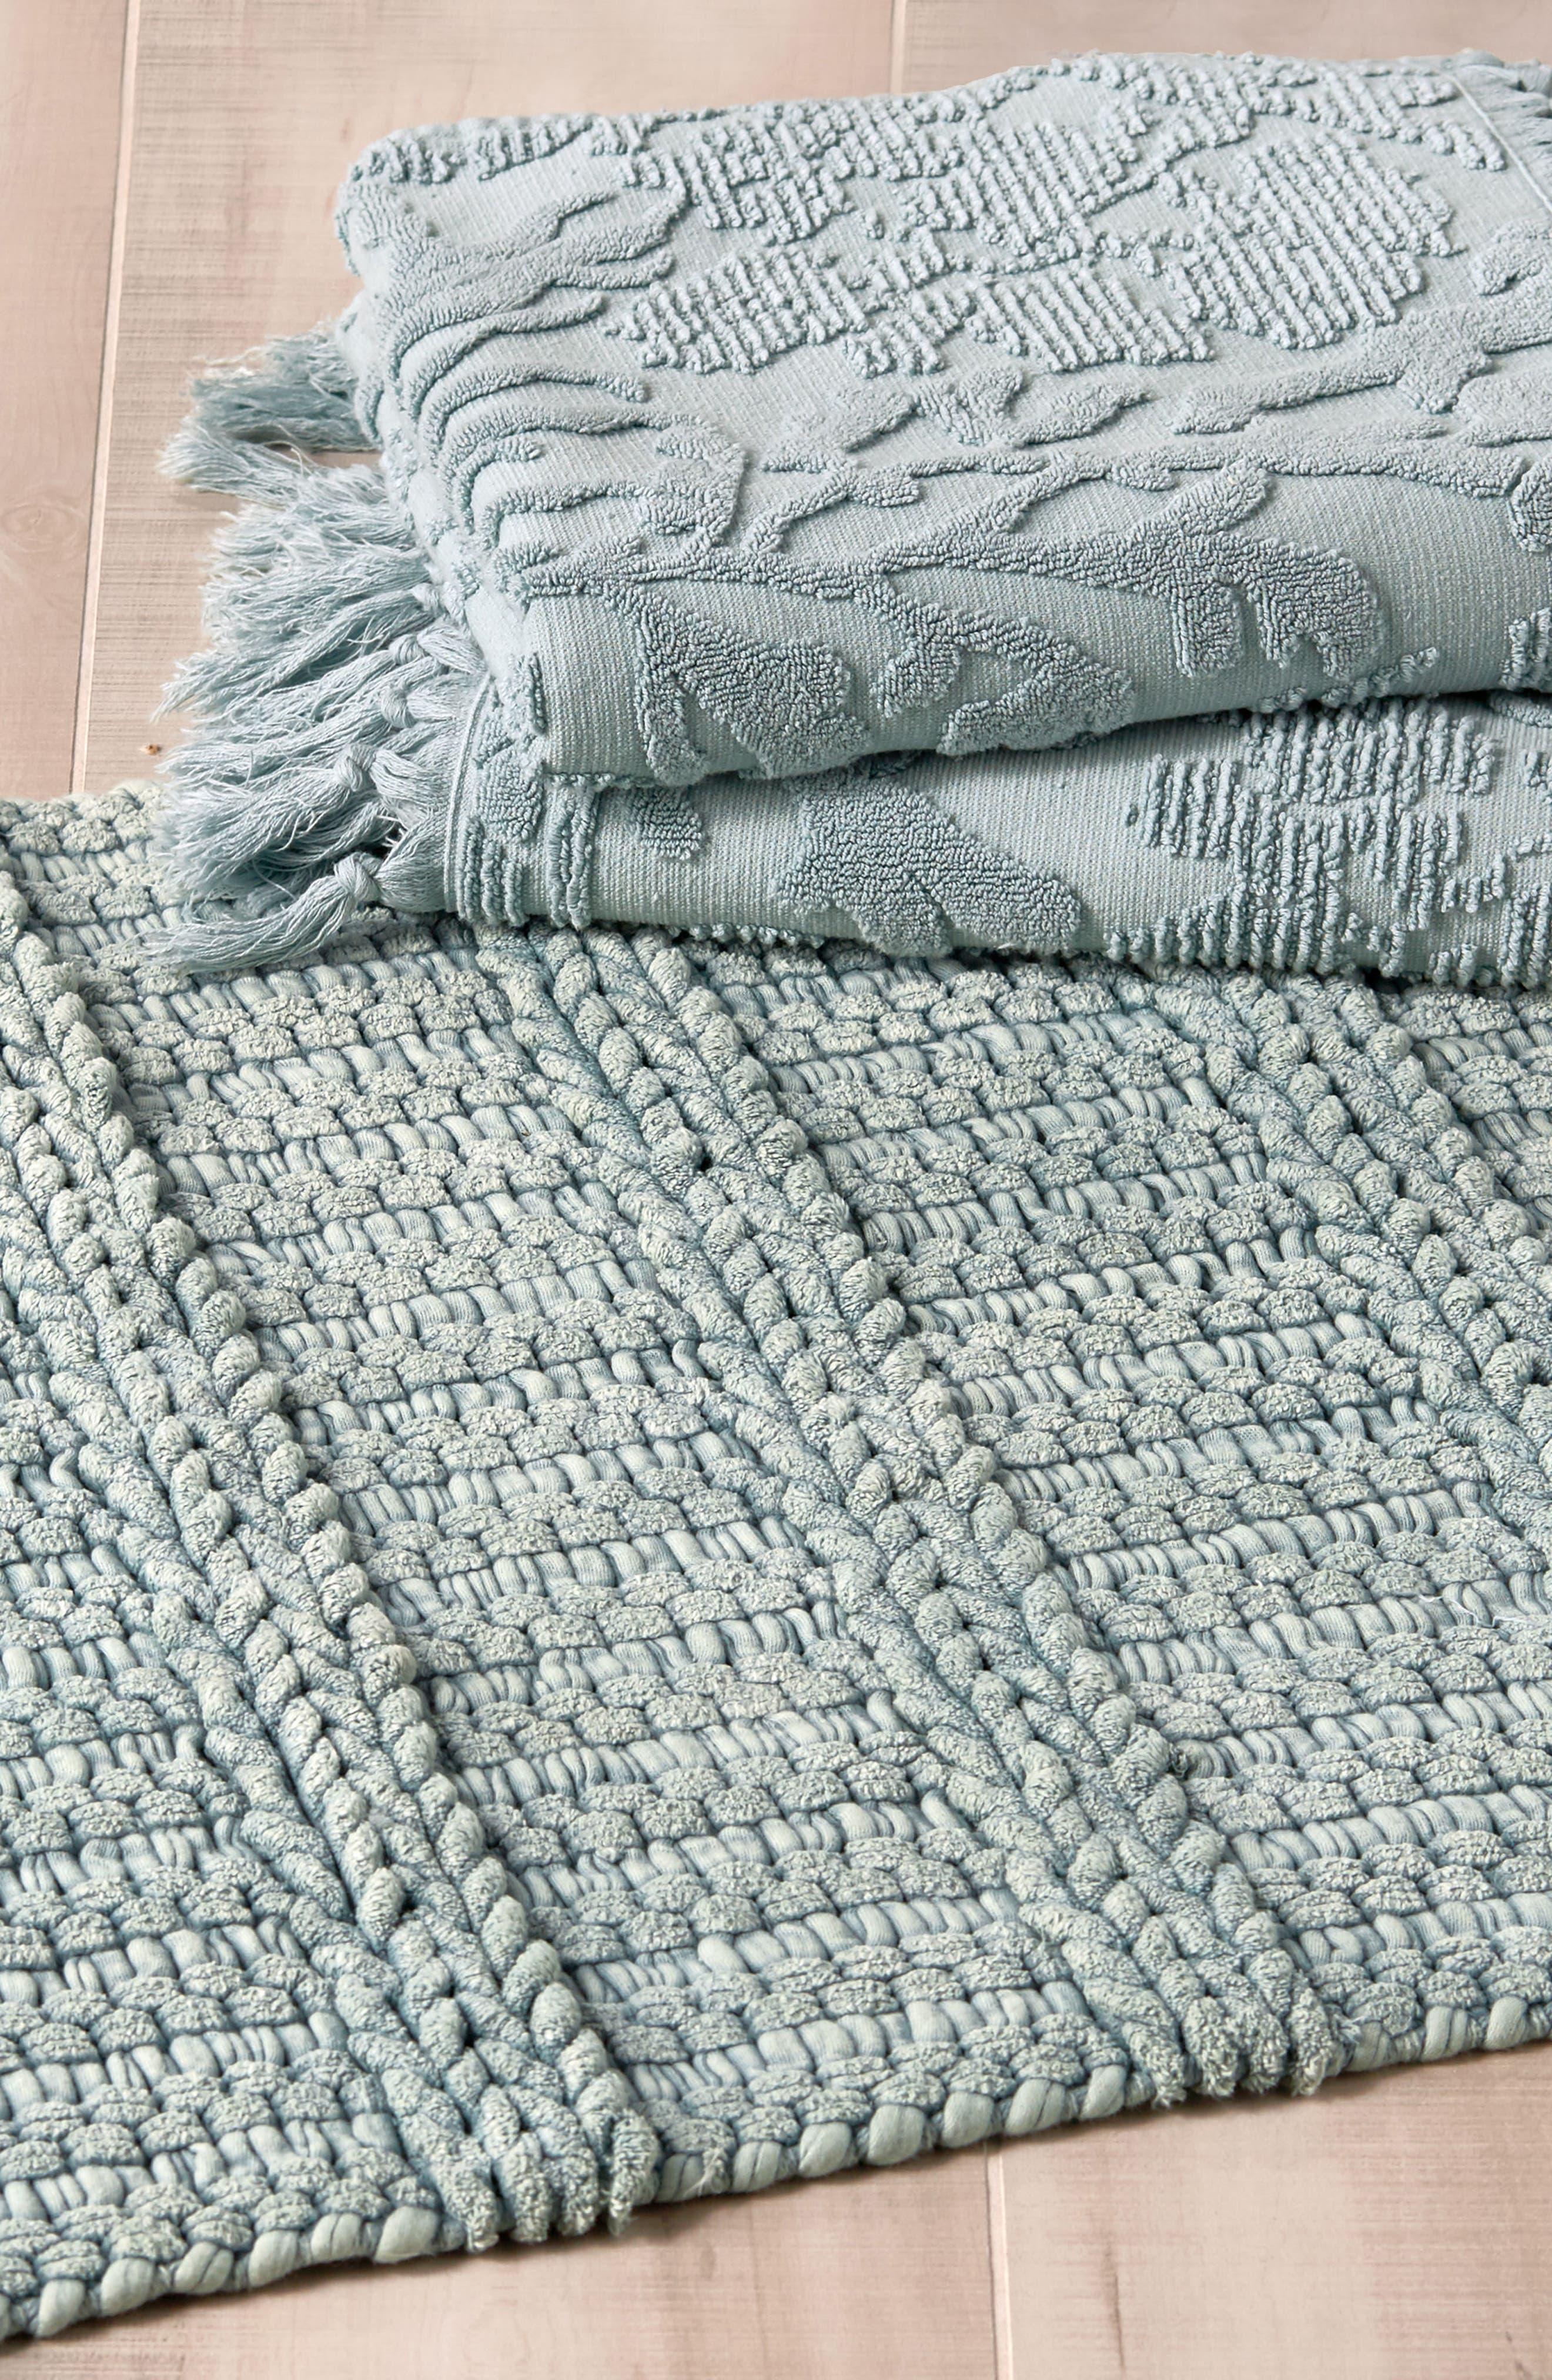 Alternate Image 1 Selected - Michael Aram Ocean Reef Bath Towel